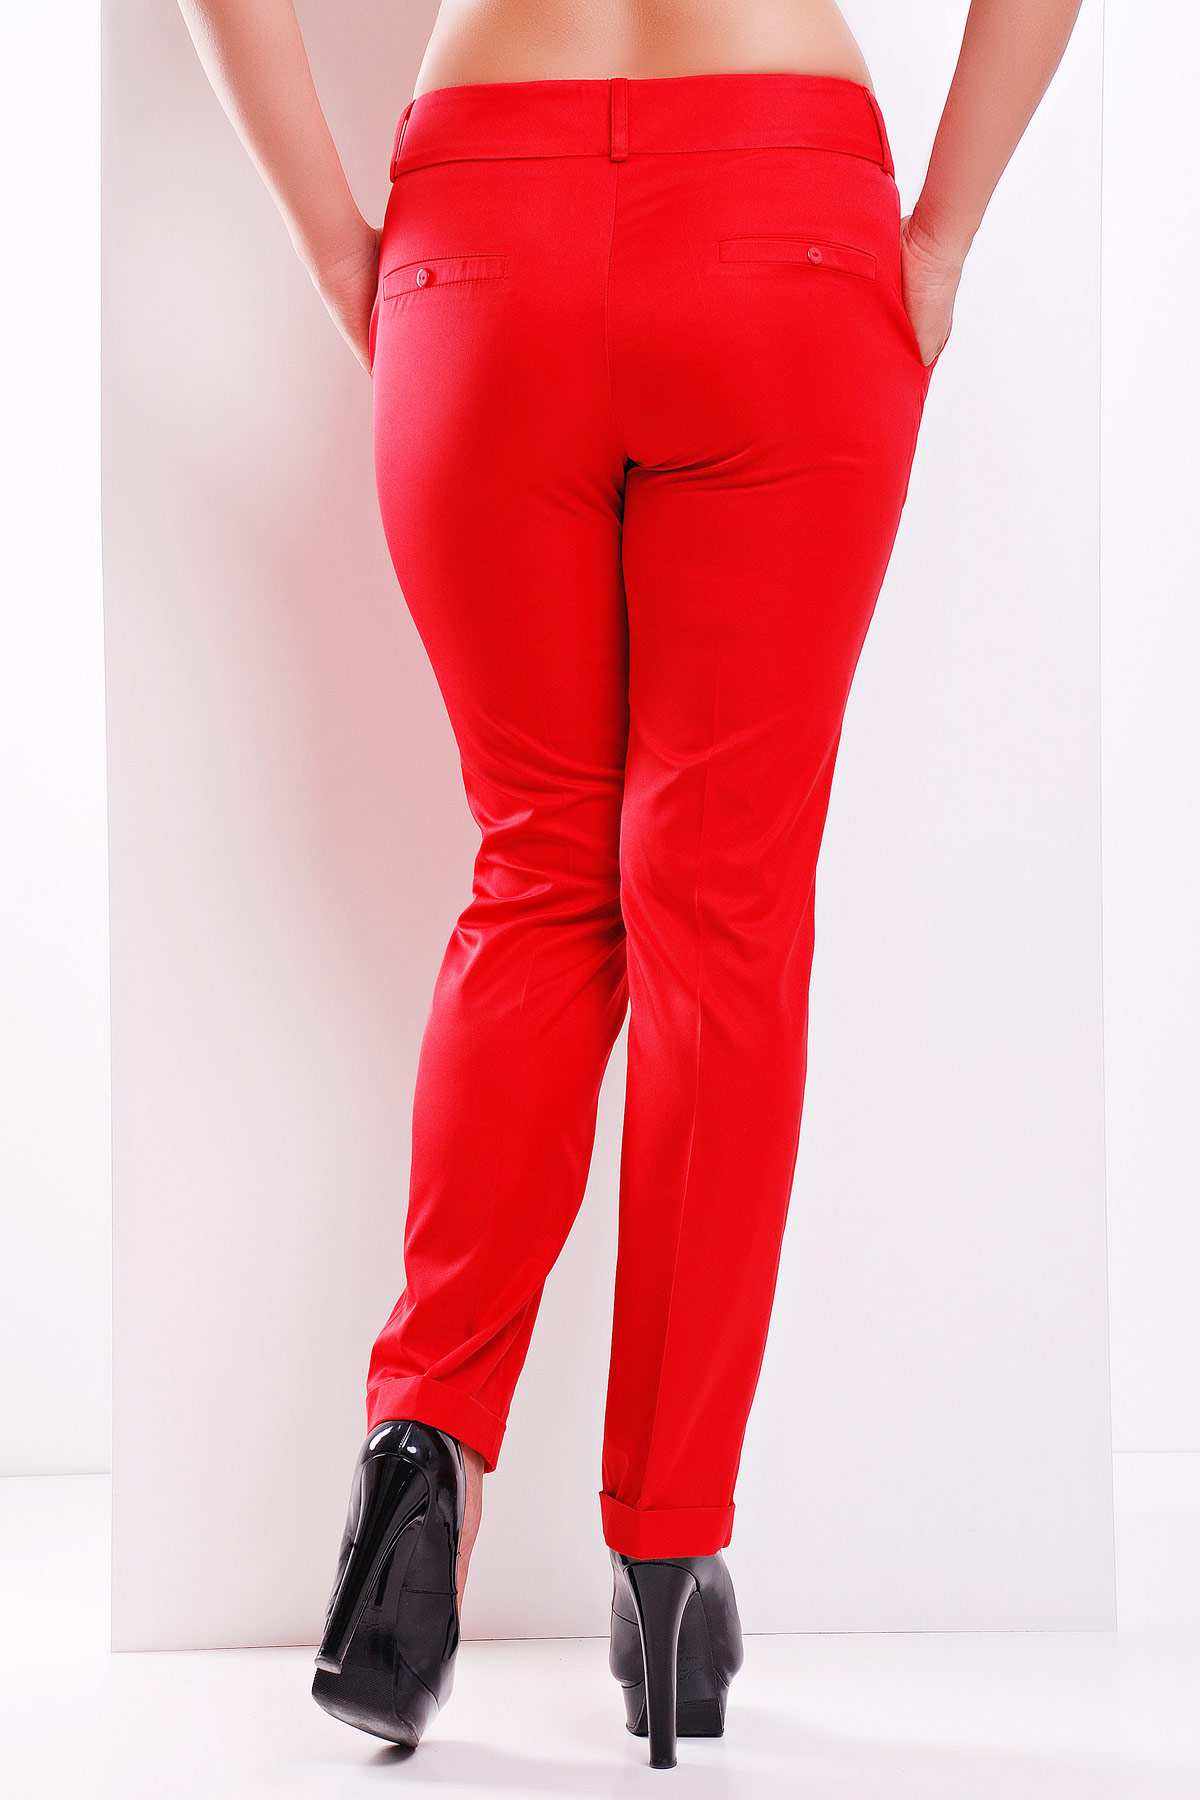 большие женские брюки. брюки Хилори-Б. Цвет: красный